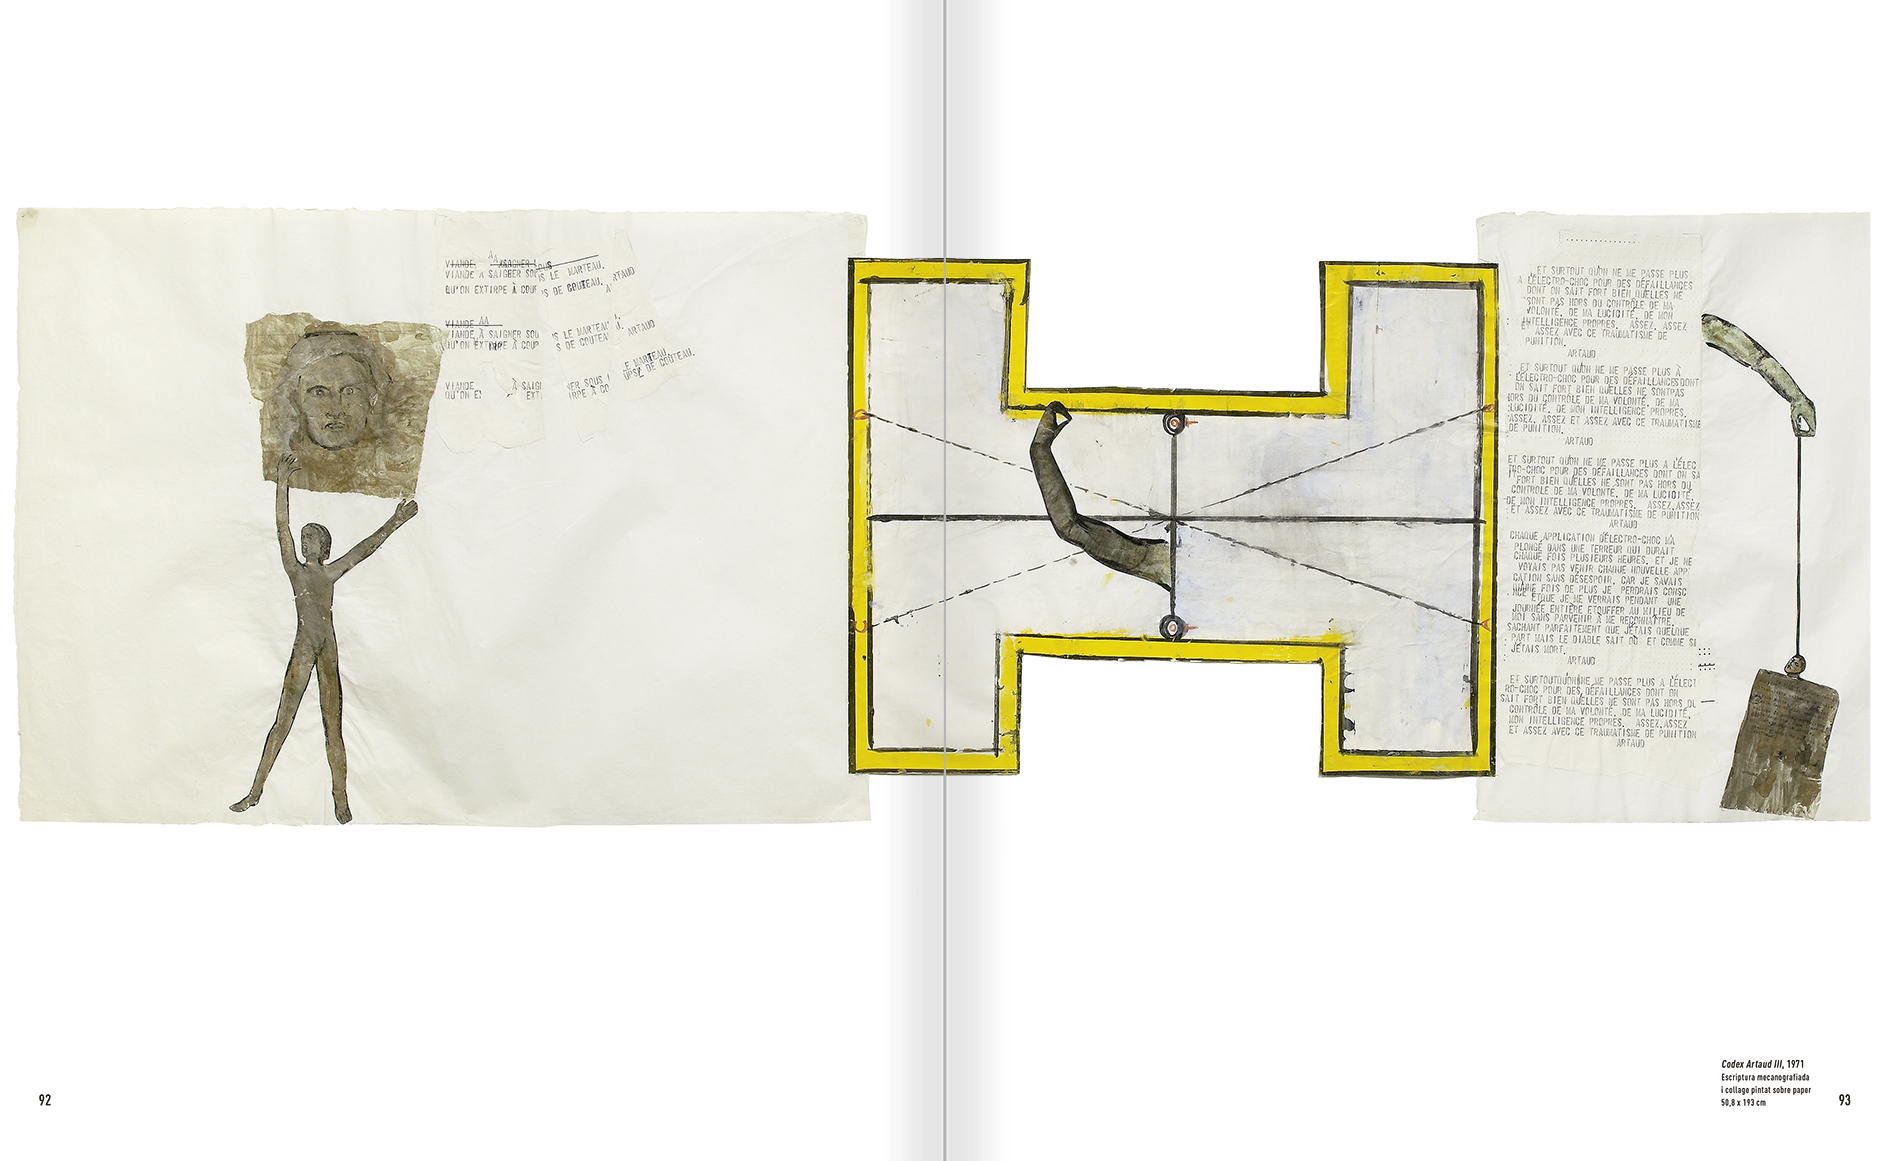 """Selecció del catàleg """"Nancy Spero. Dissidanses"""" pàgines 92 i 93"""